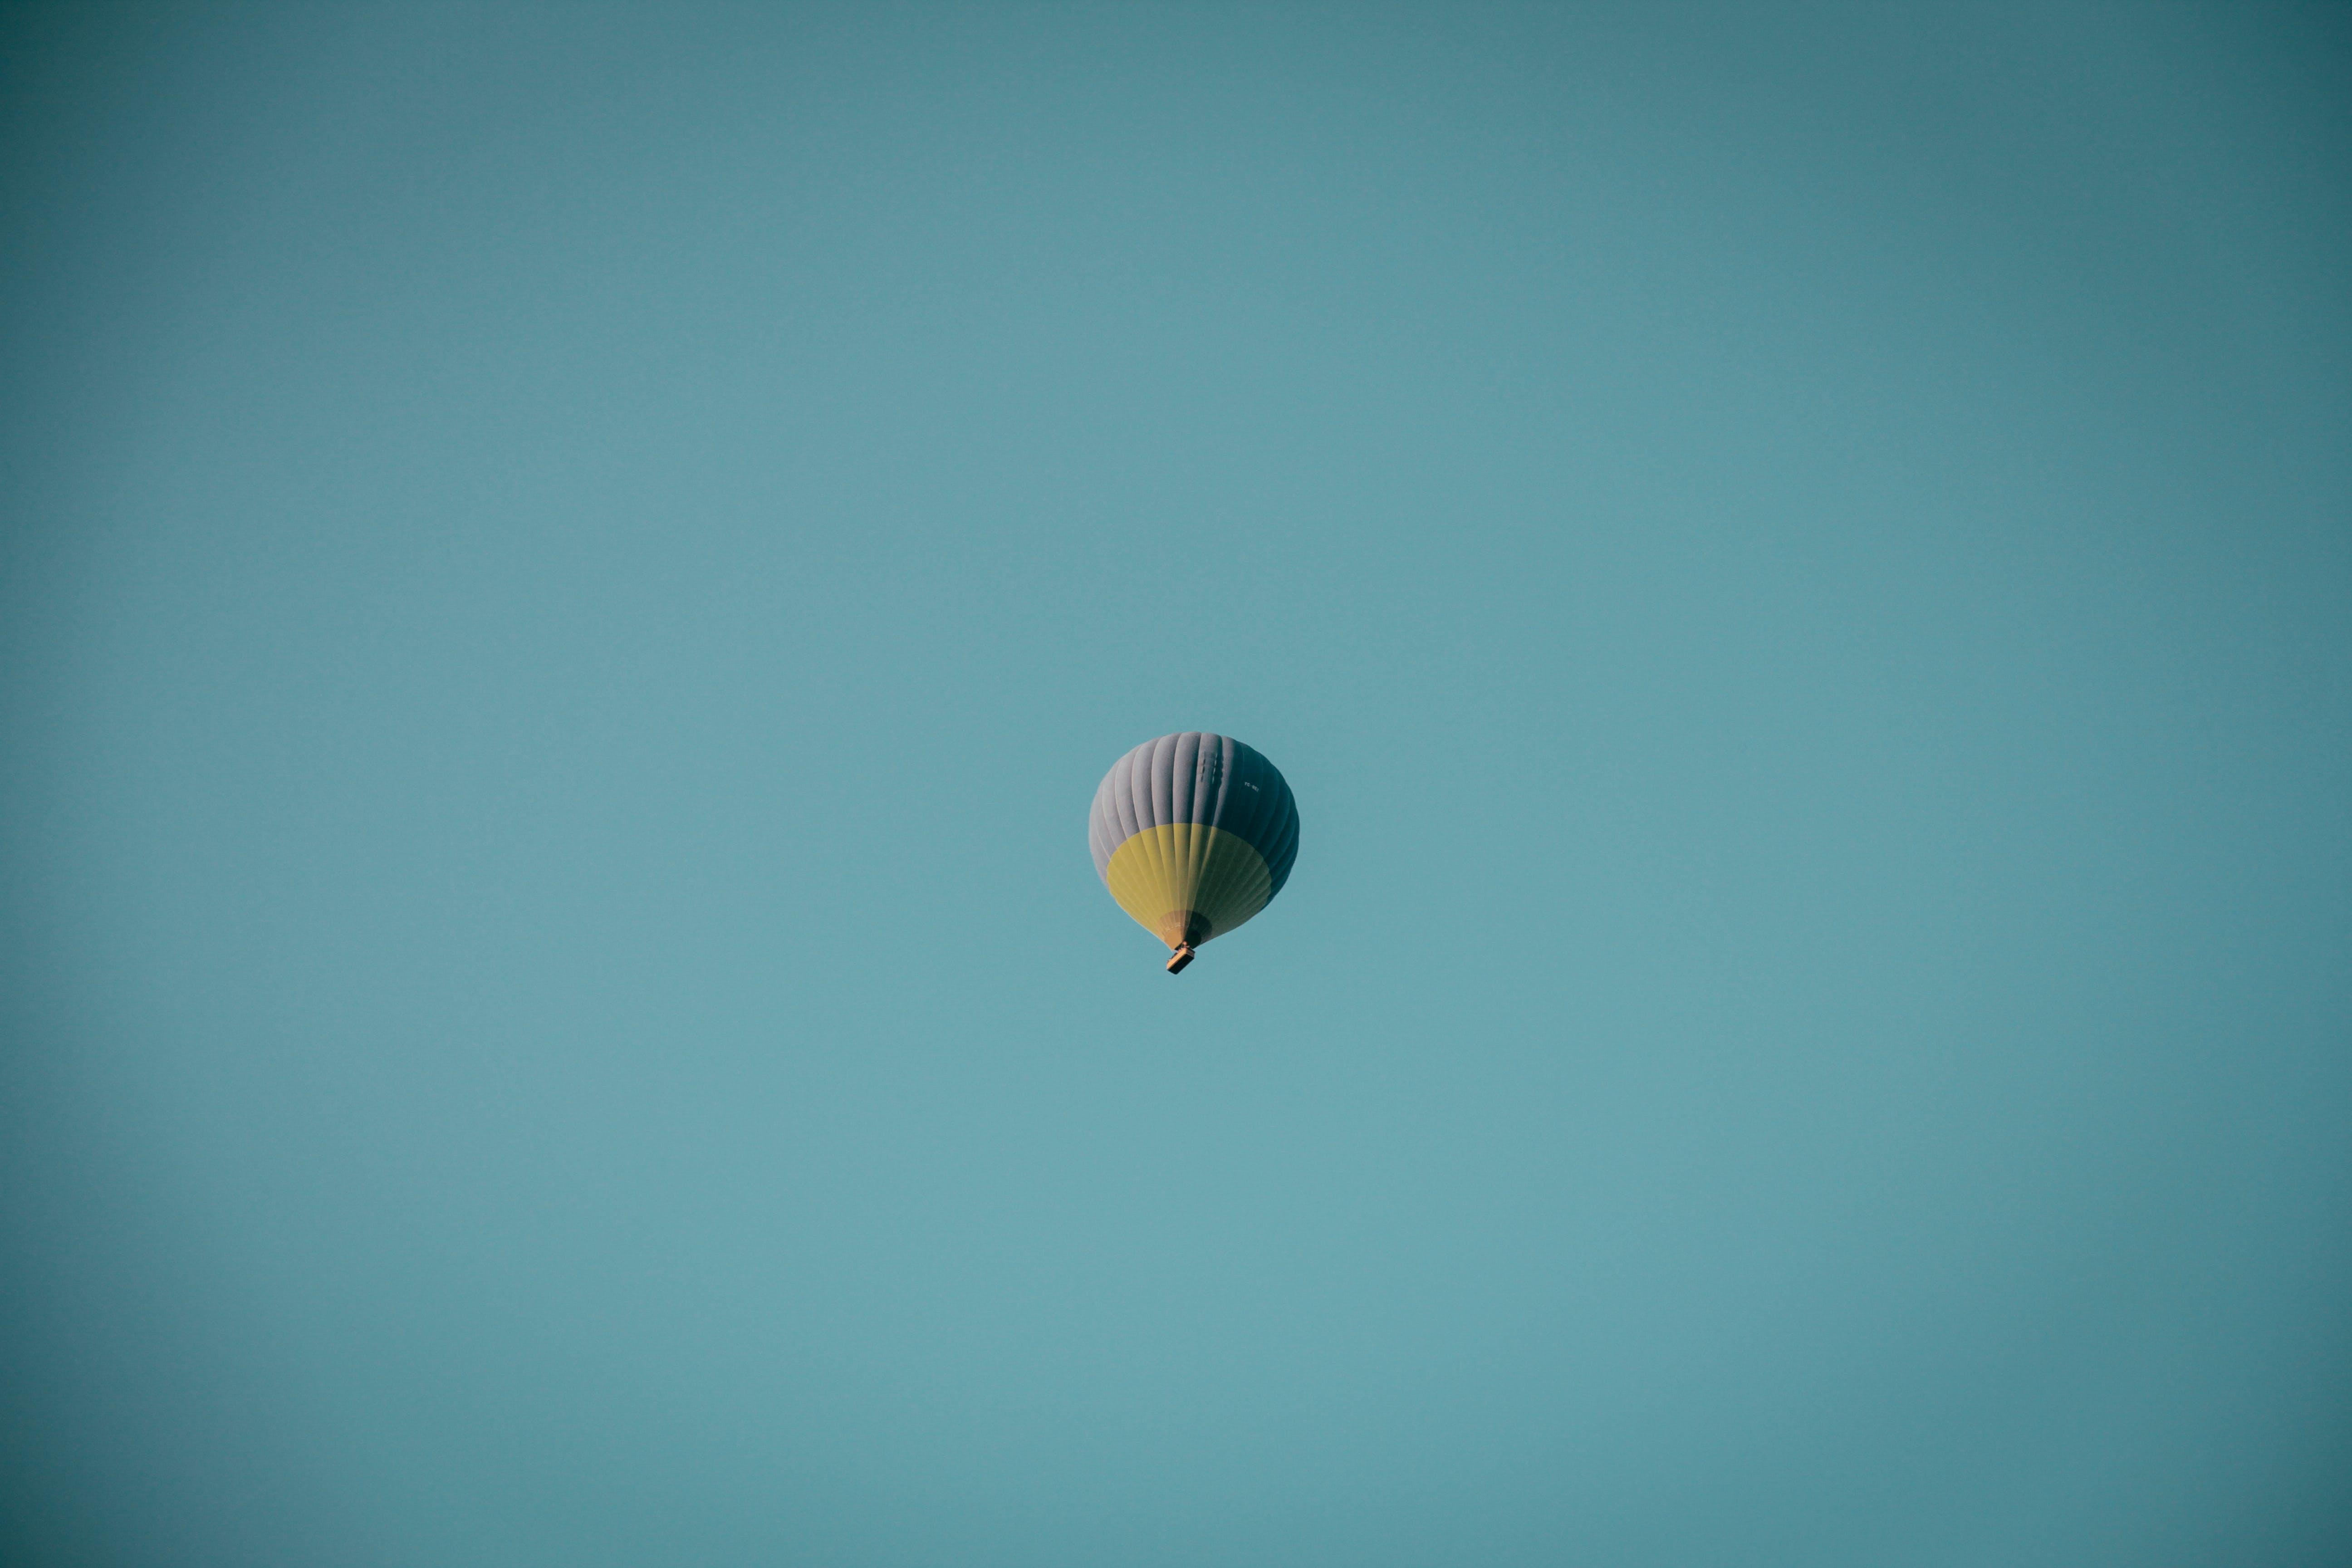 คลังภาพถ่ายฟรี ของ การบิน, ท้องฟ้า, บอลลูน, เที่ยวบิน